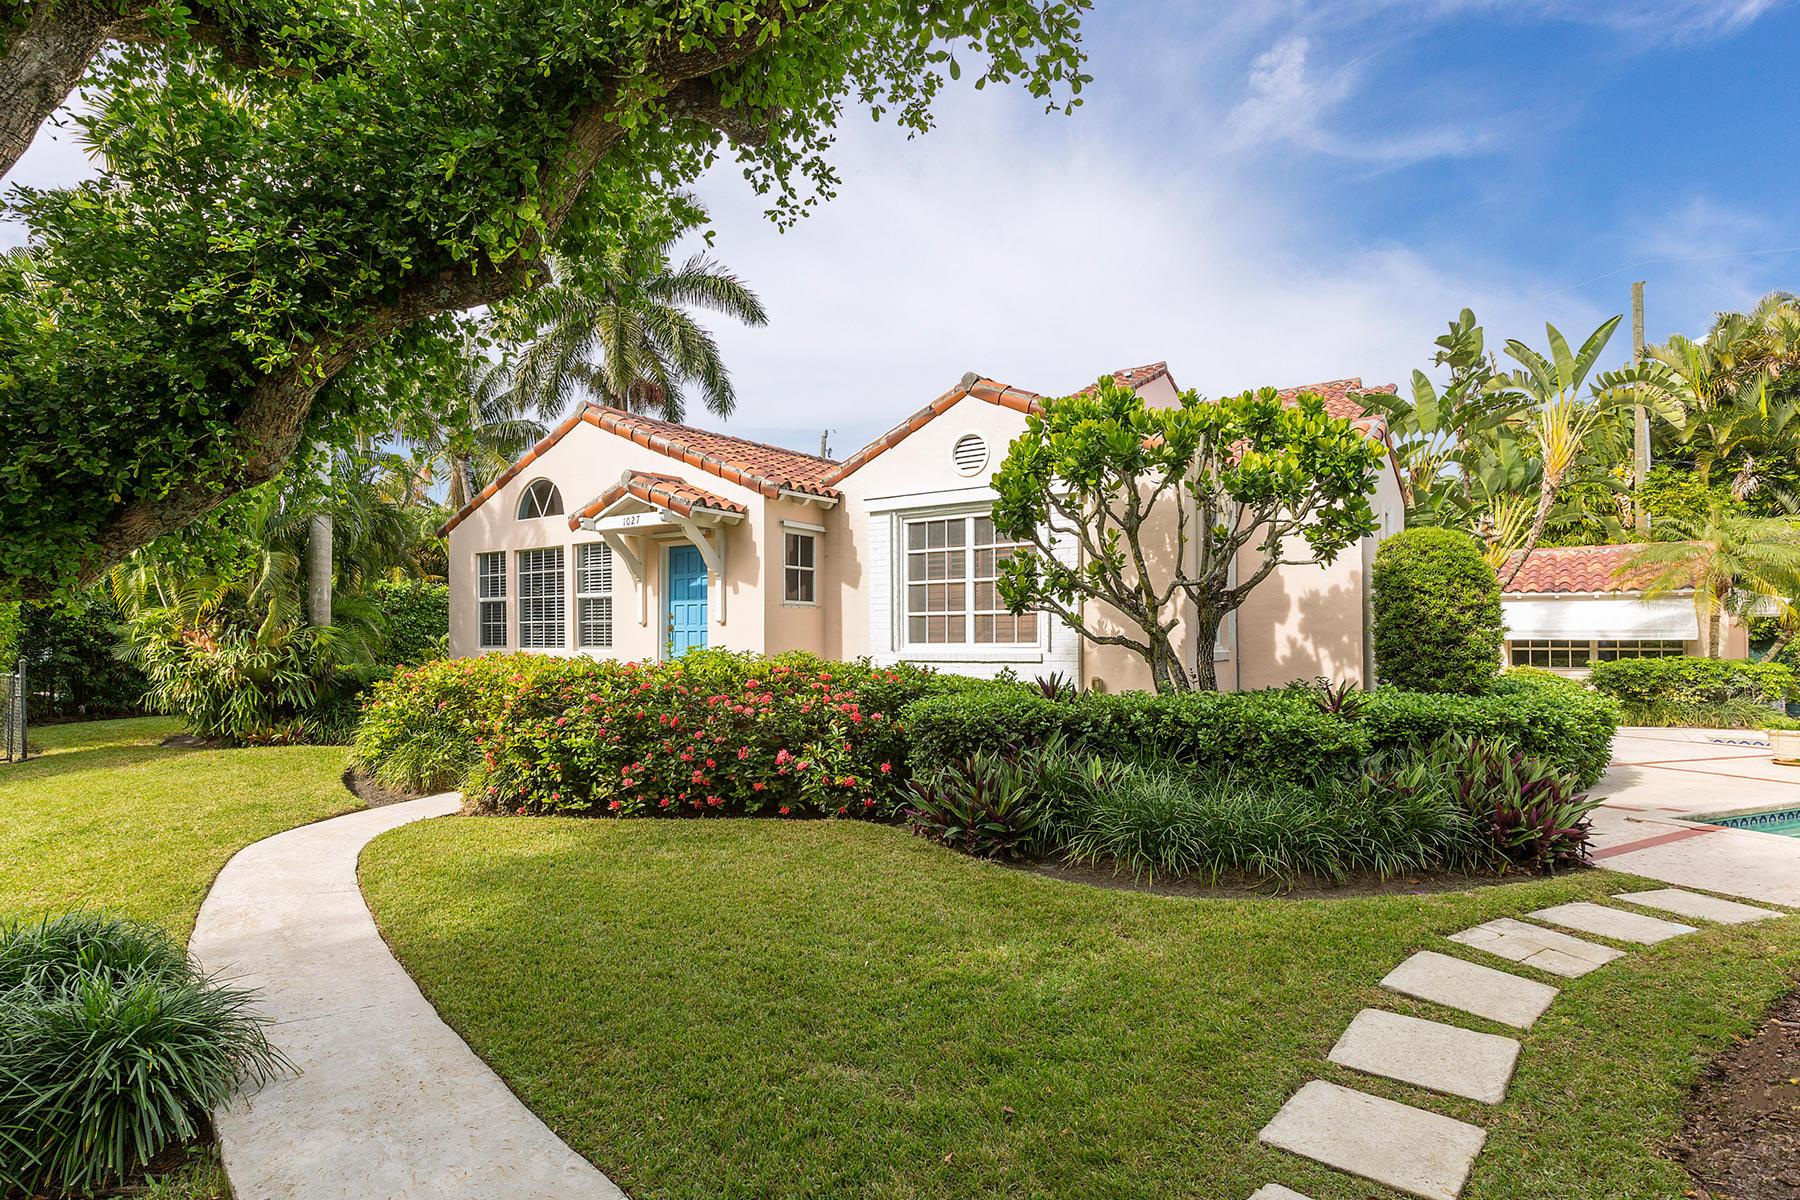 1027 Vista Del Mar Drive, Delray Beach, Florida 33483, 4 Bedrooms Bedrooms, ,3.2 BathroomsBathrooms,Single Family Detached,For Sale,Vista Del Mar,RX-10590706